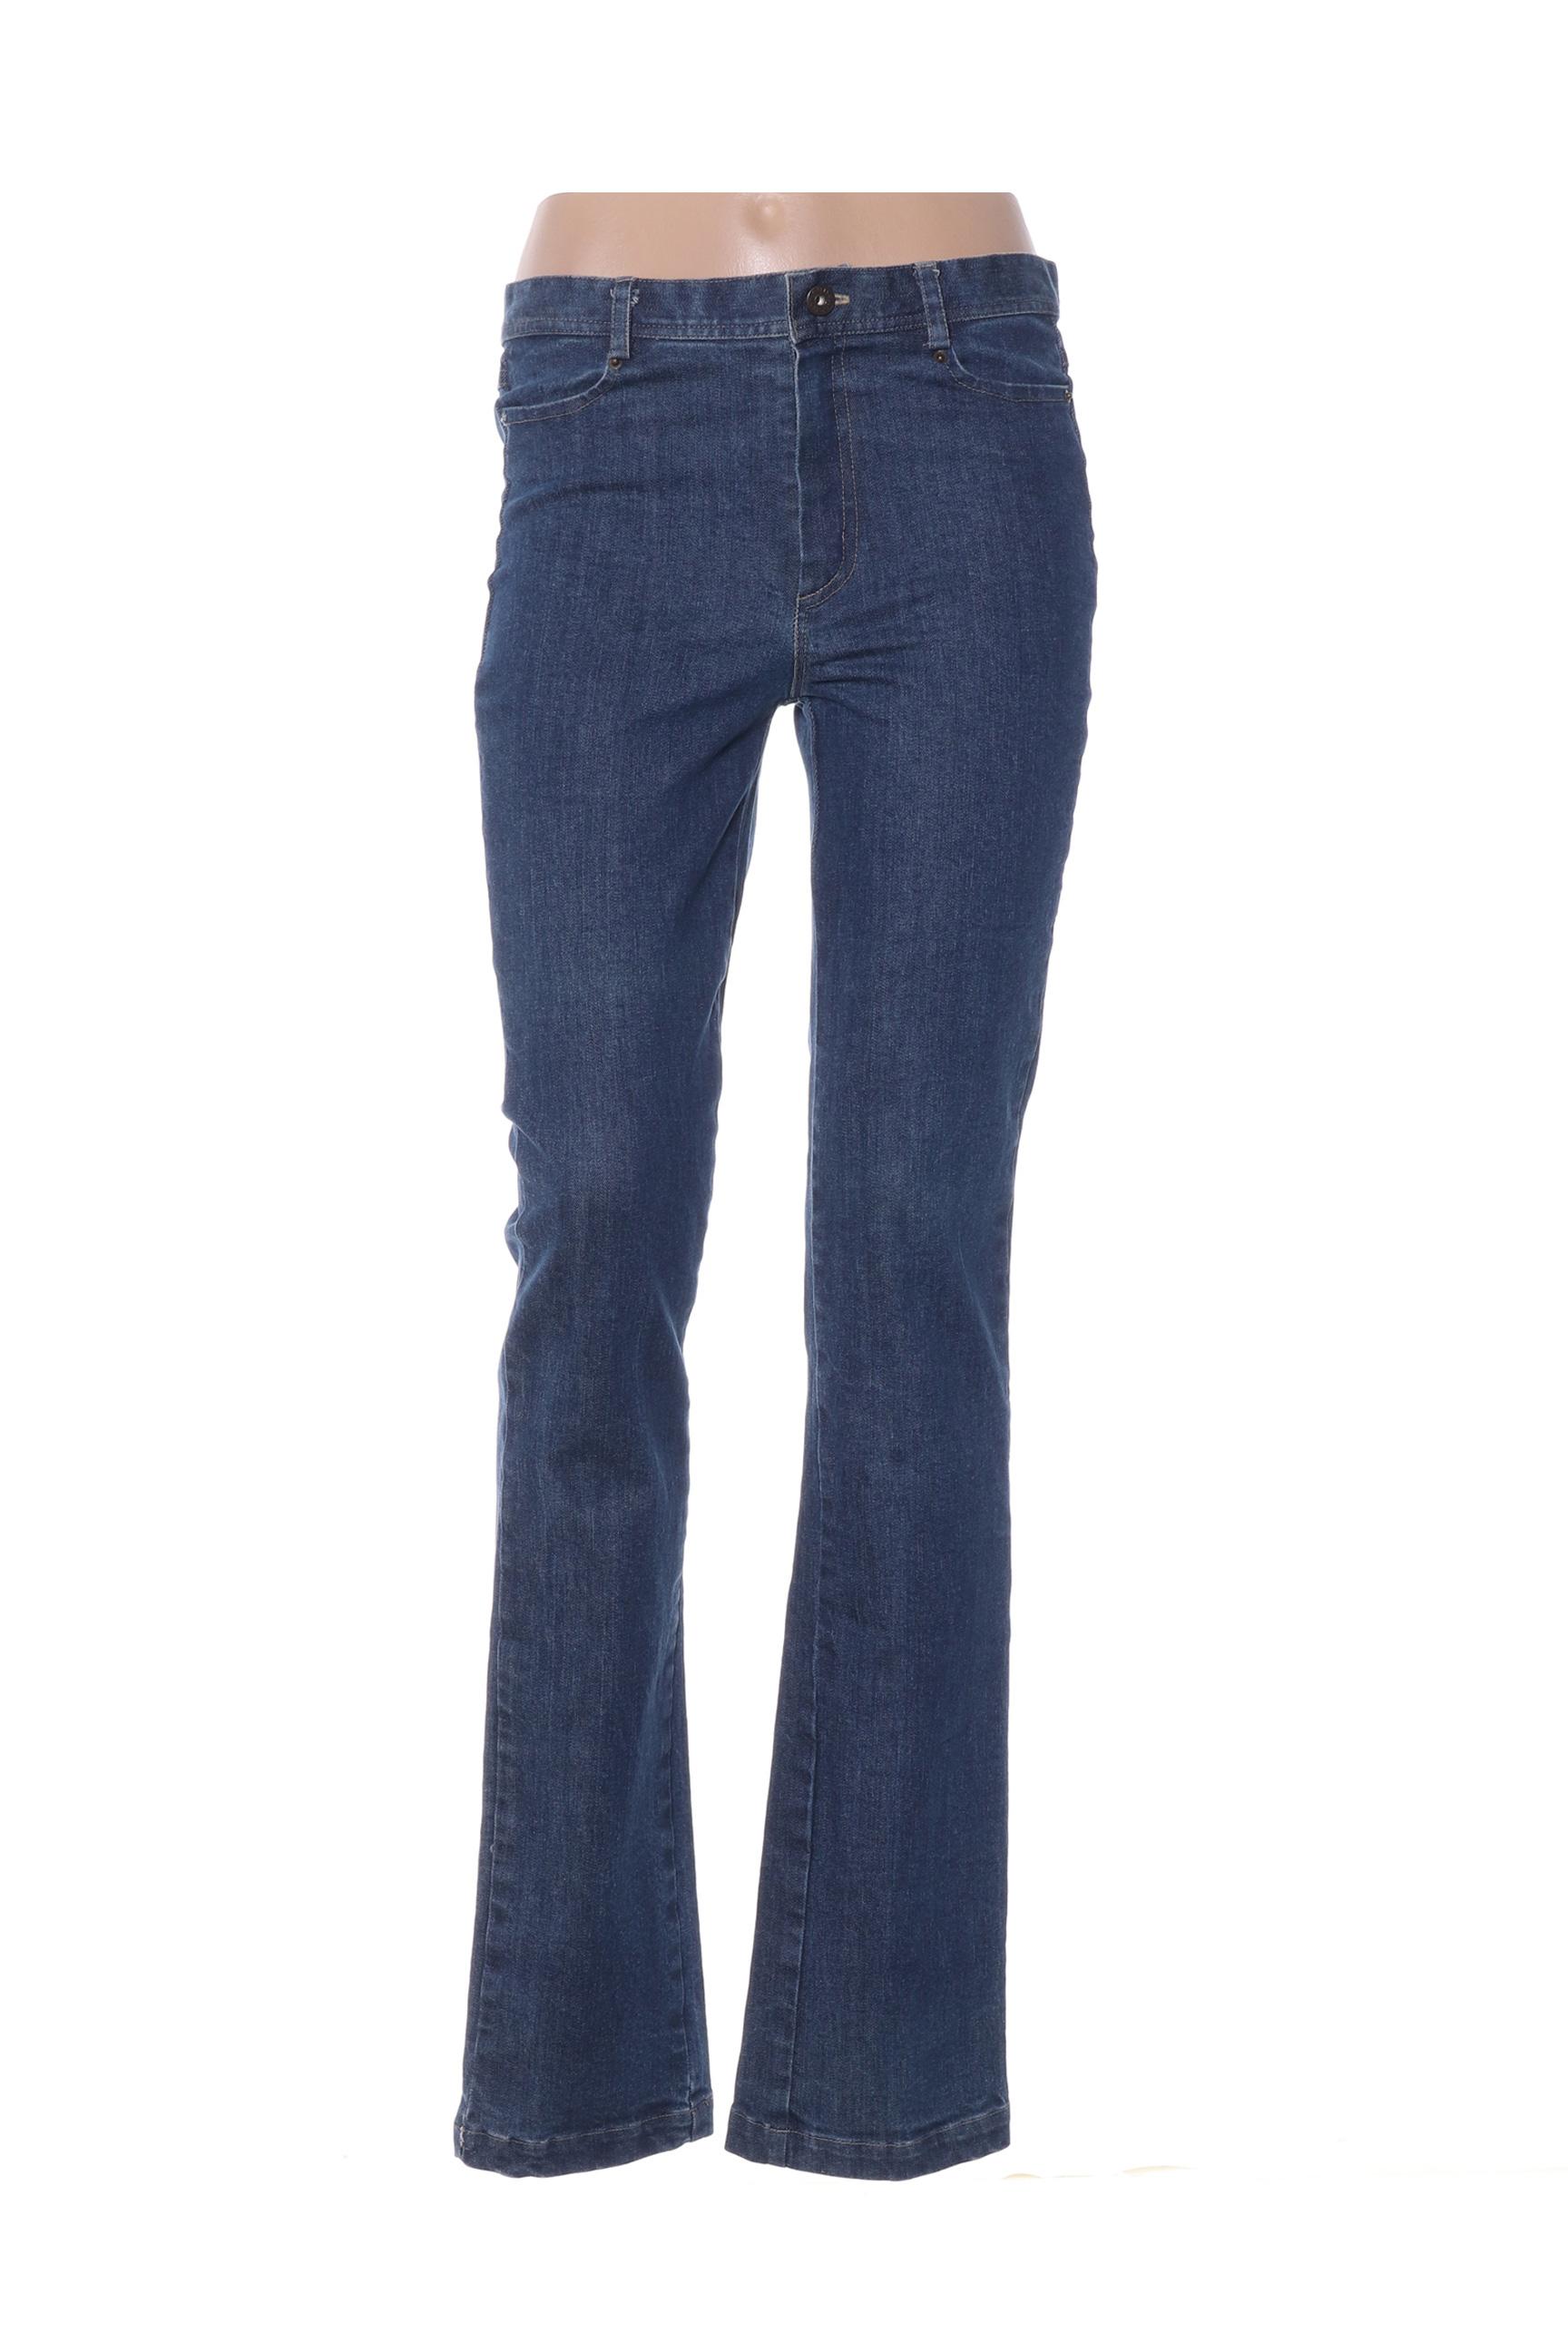 Multiples Jeans Coupe Droite Femme De Couleur Bleu En Soldes Pas Cher 1385954-bleu00 - Modz